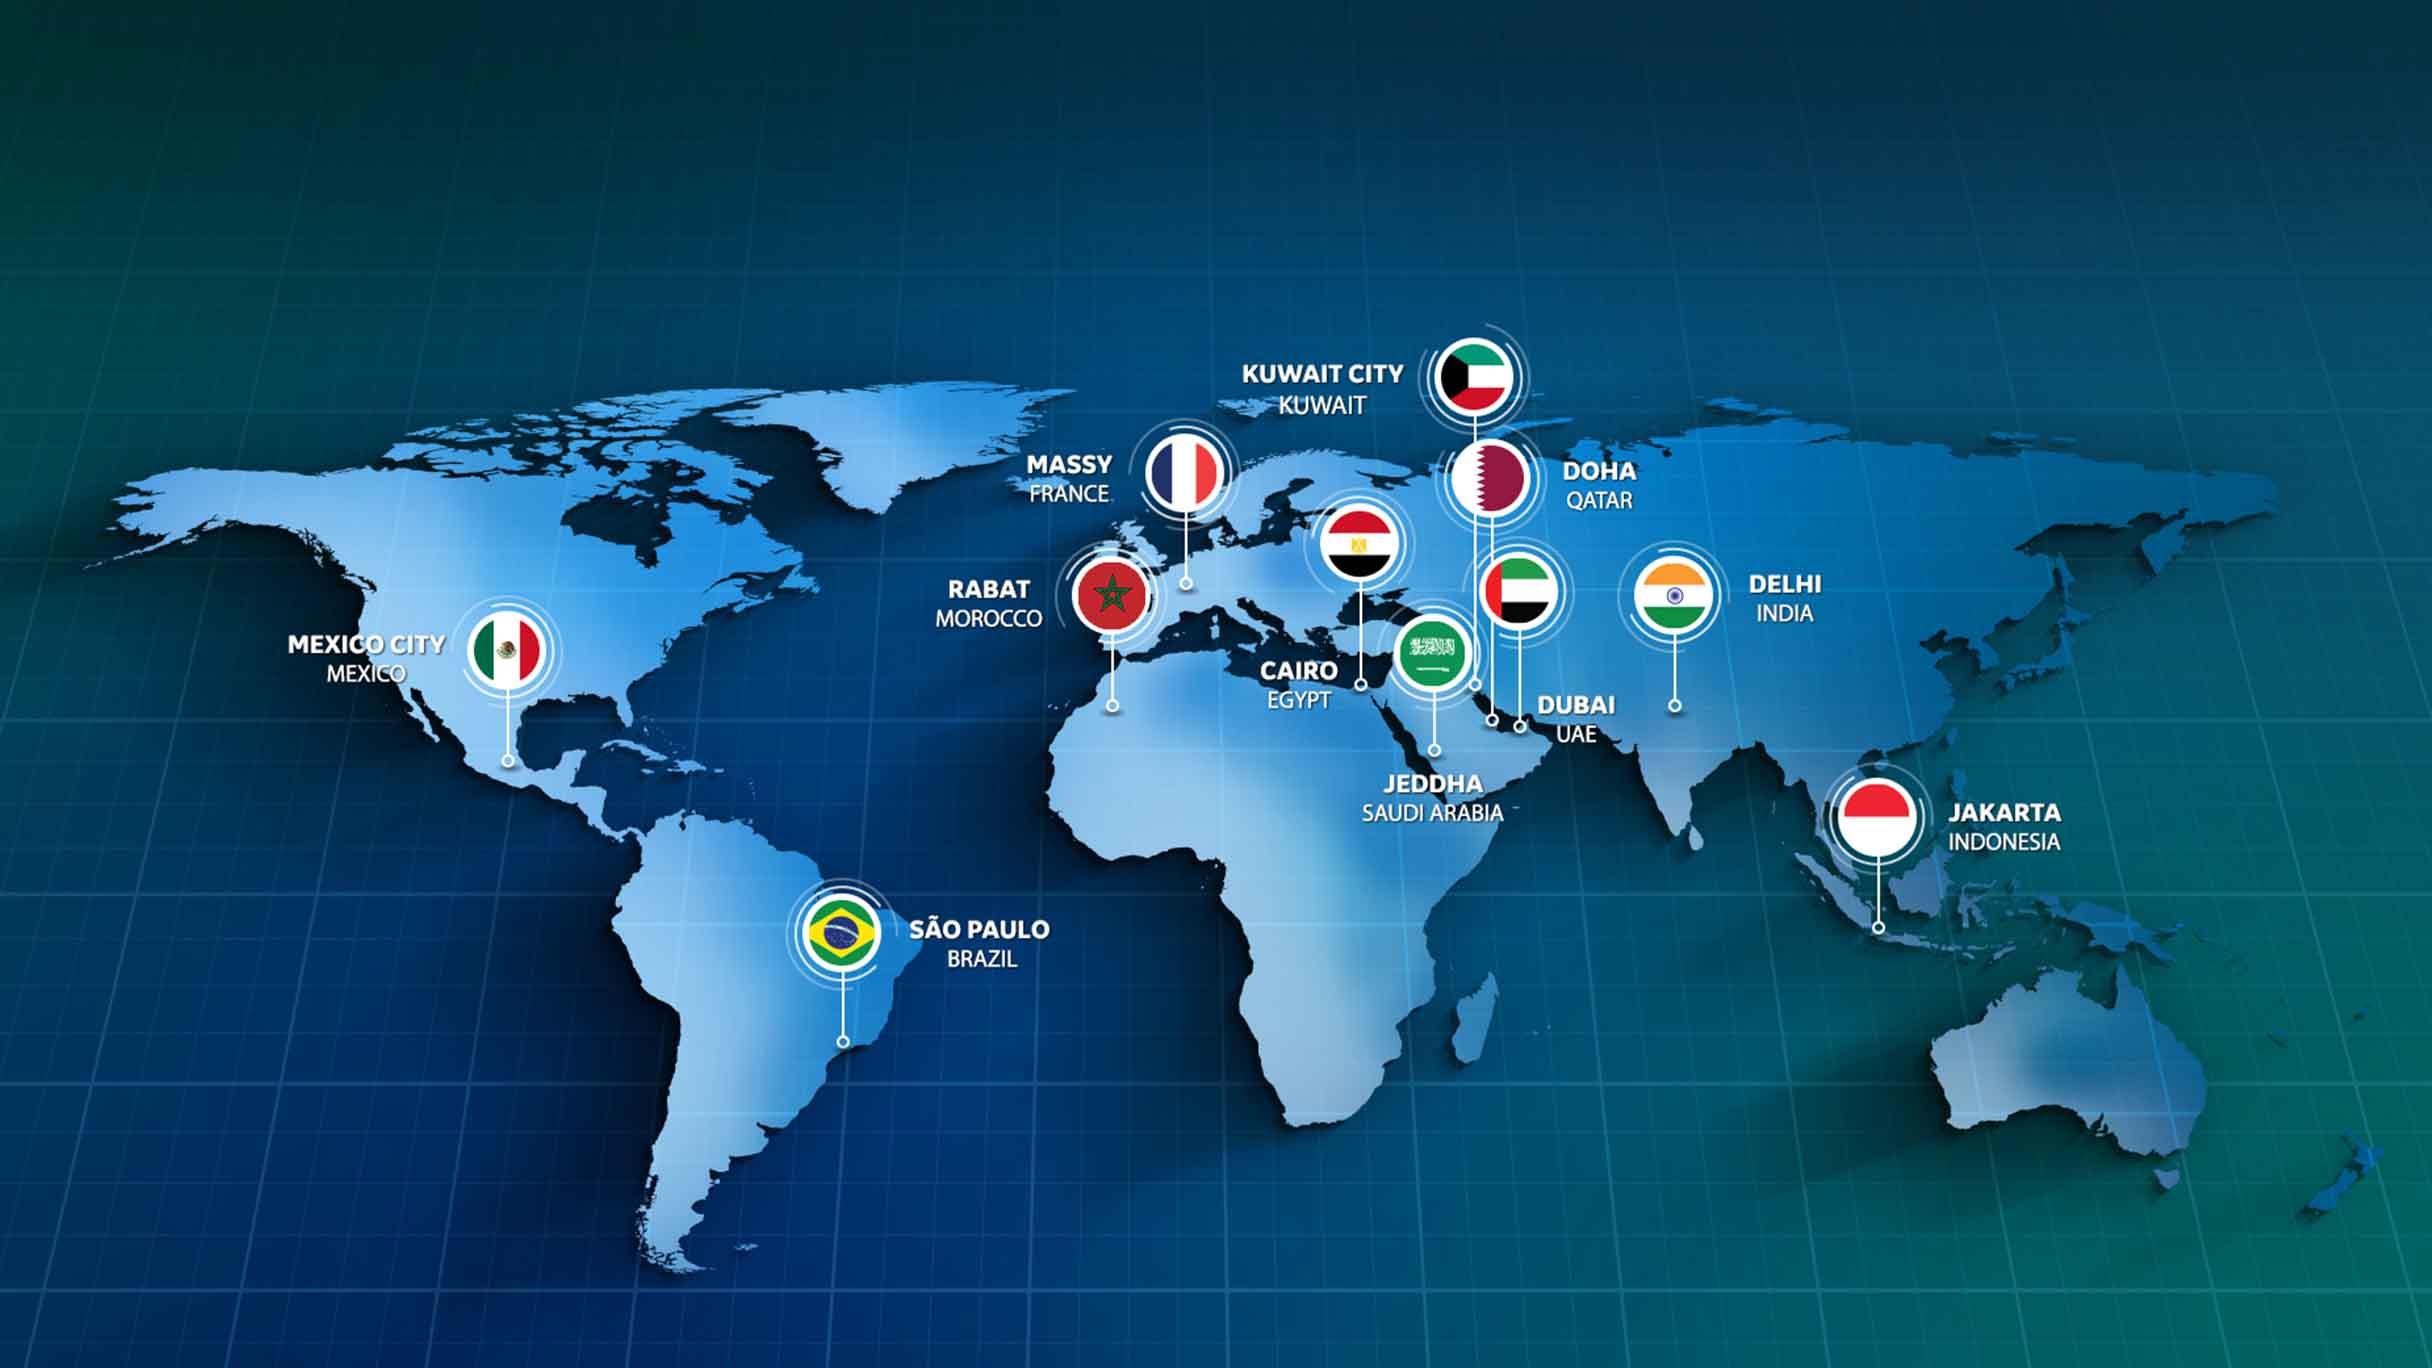 Global network | GE Power Digital